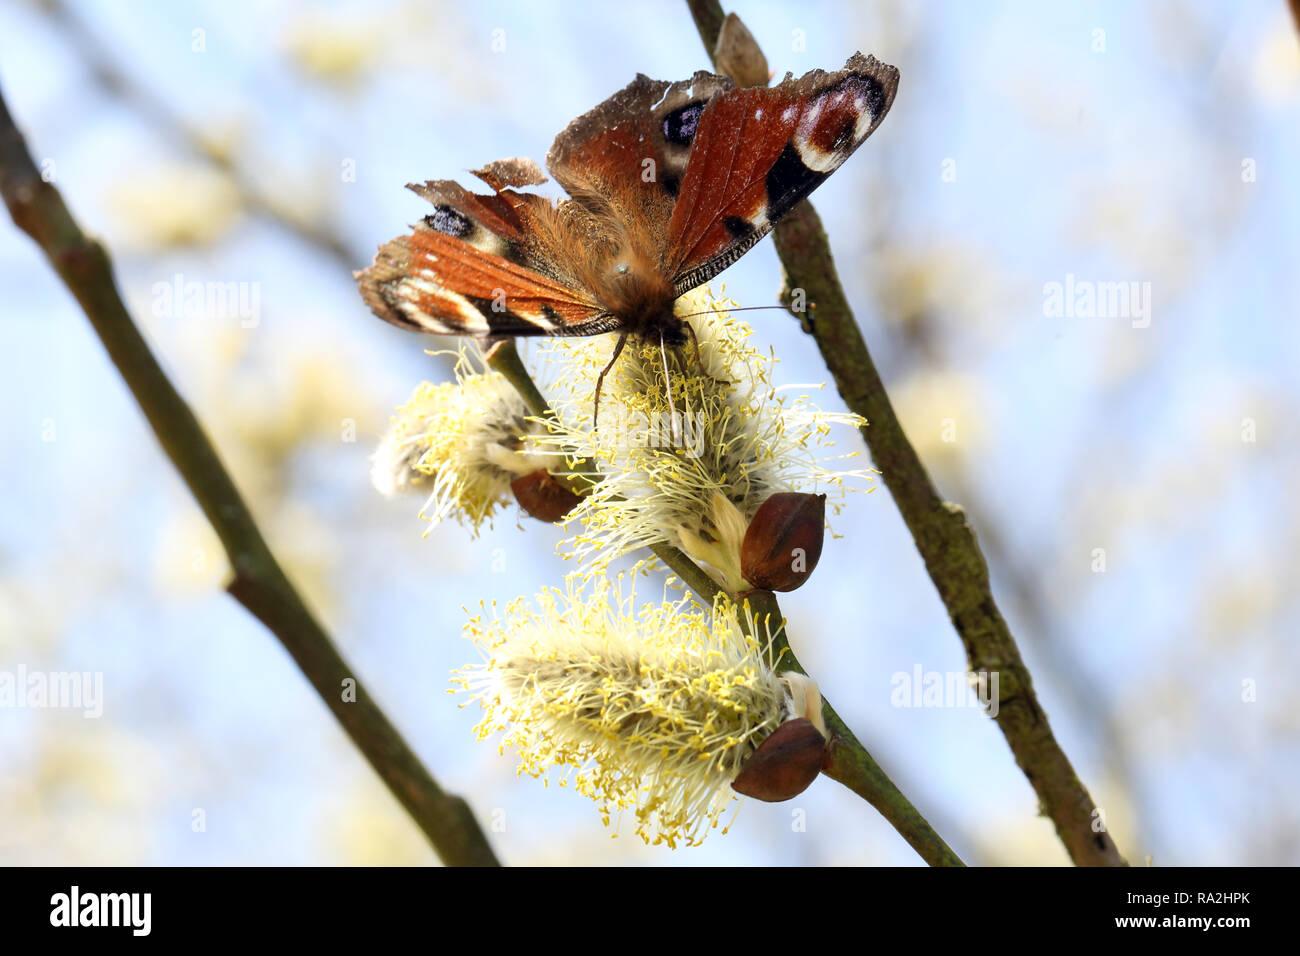 08.04.2018, Brandenburg, Briescht, Deutschland, Tagpfauenauge sammelt Nektar aus einem bluehenden Weidenkaetzchen der Salweide. 00S180408D271CARO.JPG  Stock Photo